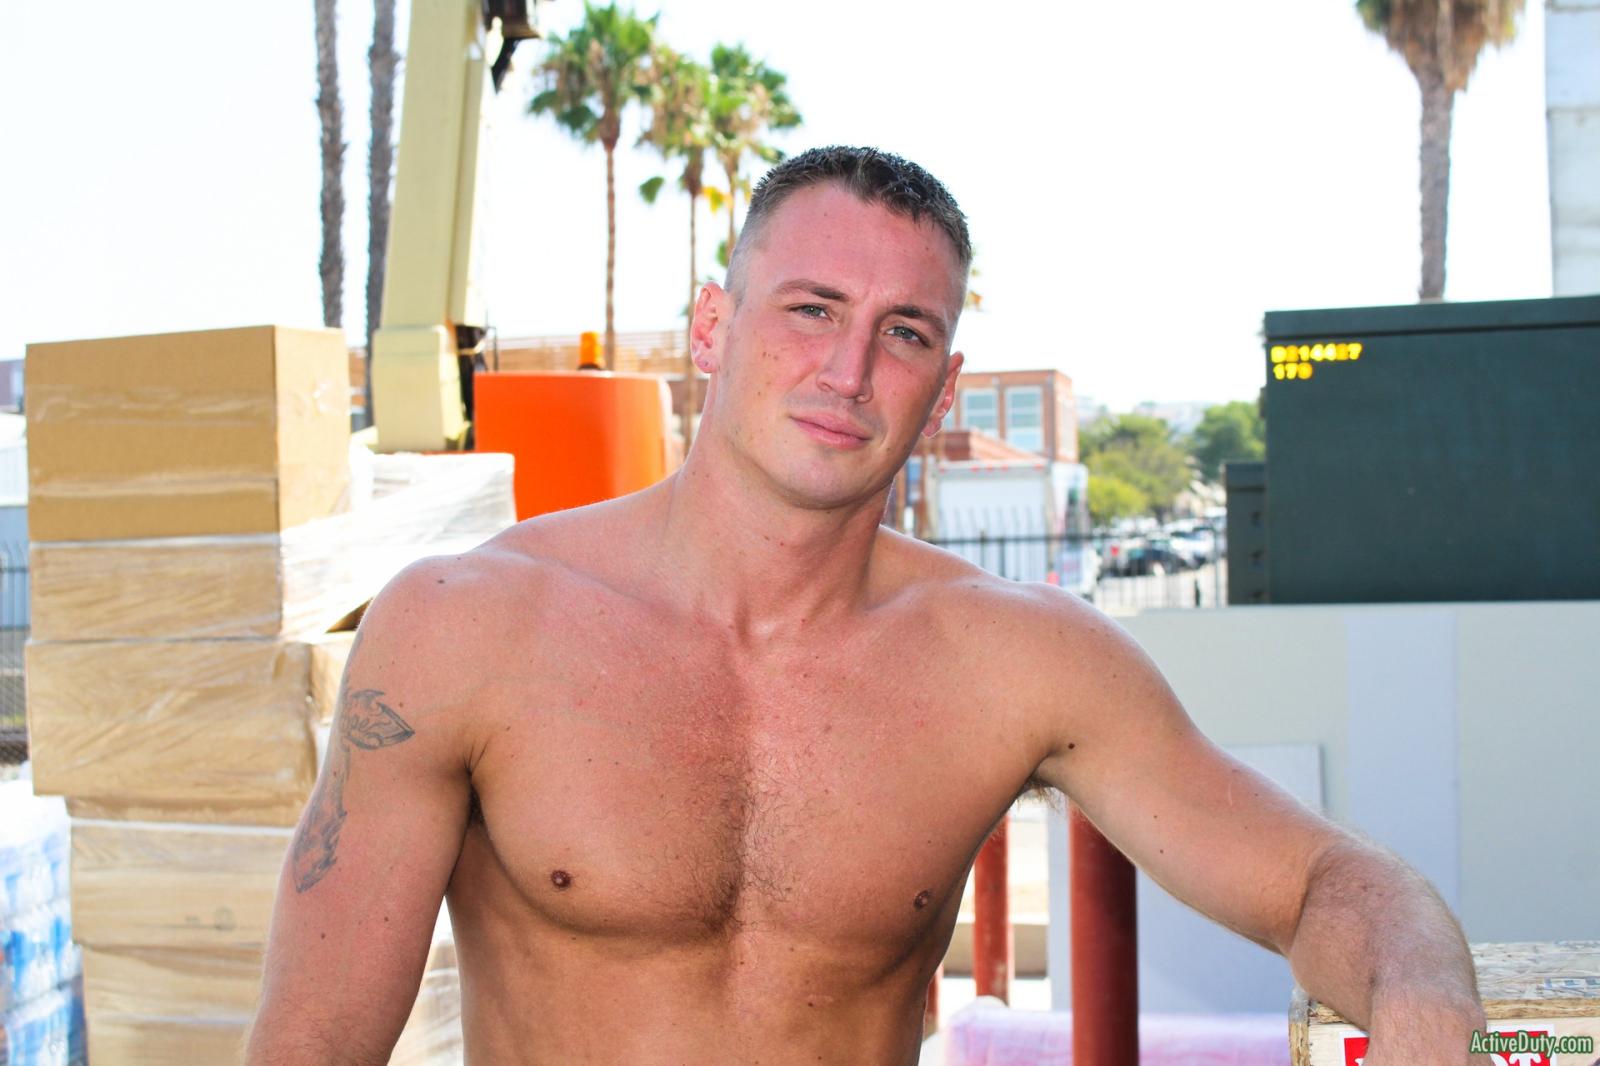 nouveau site de rencontre gay a Saint Paul